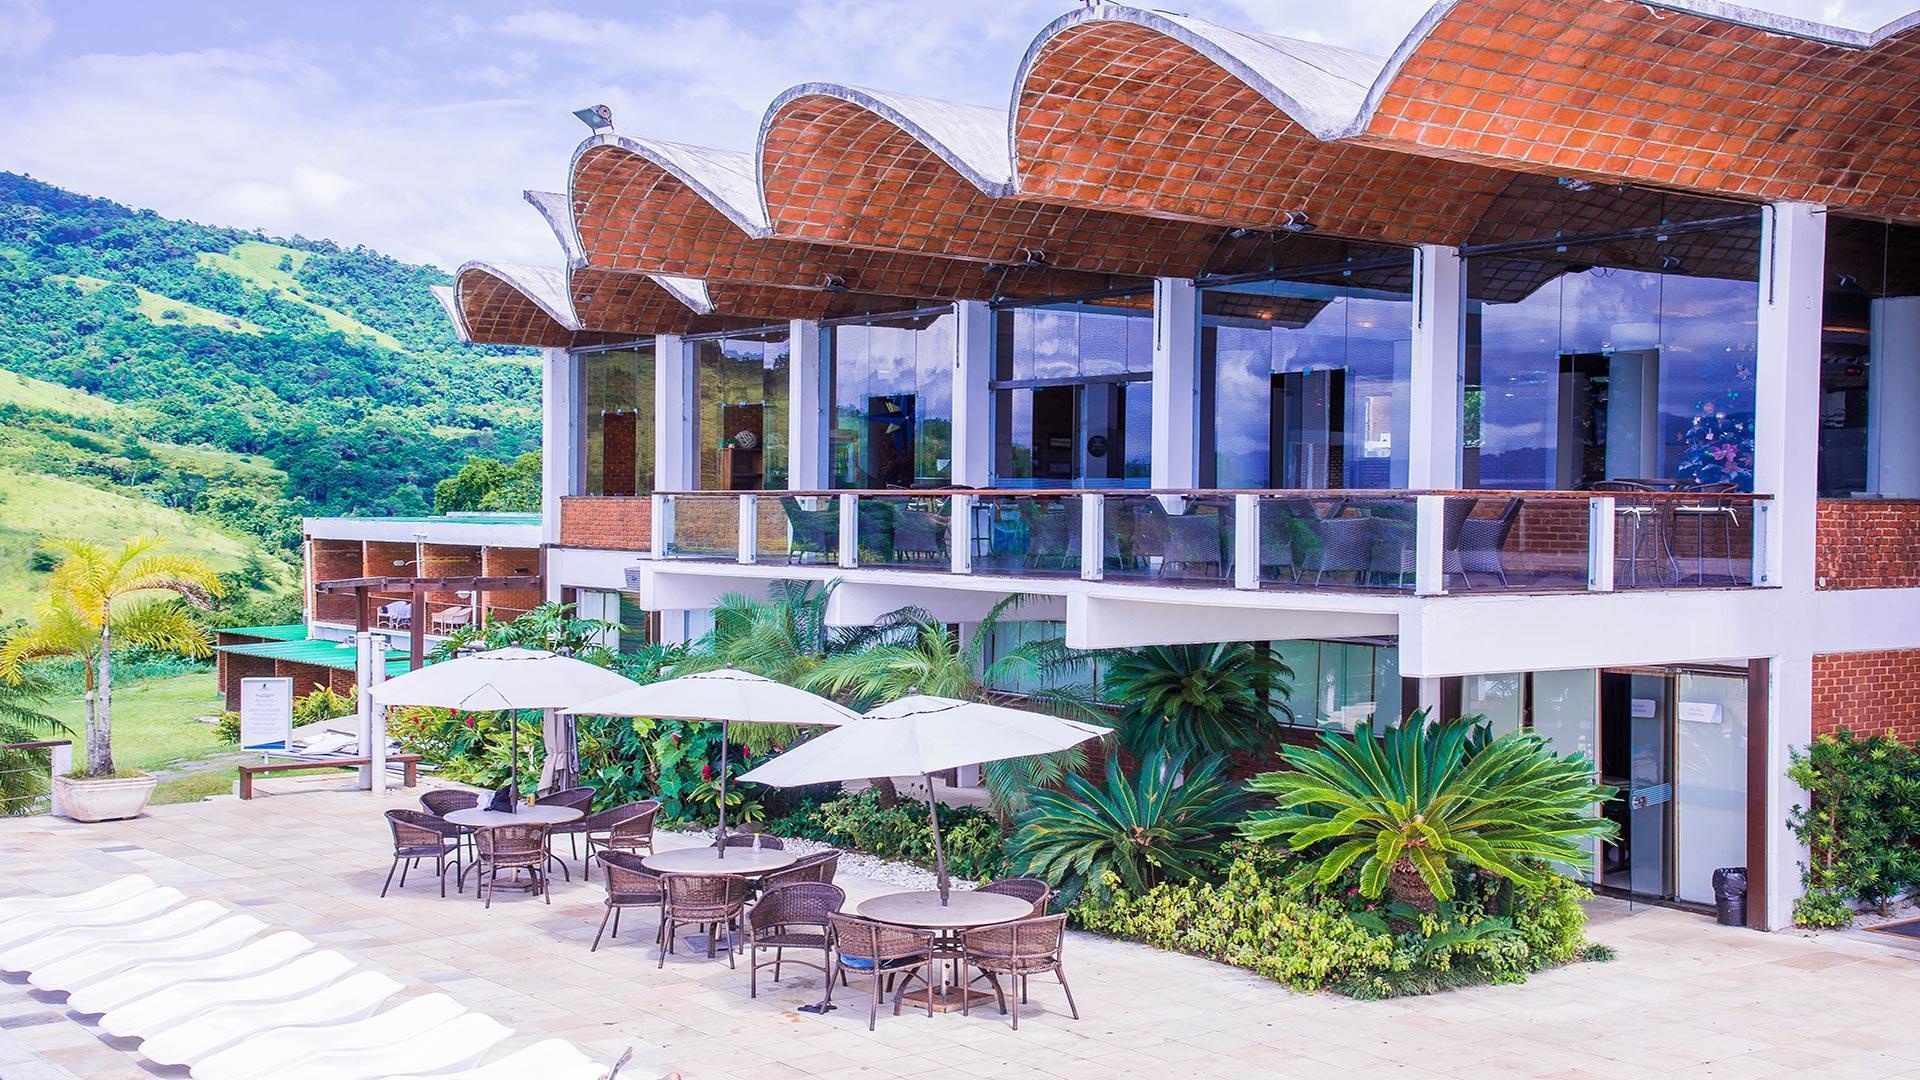 Portogalo Suite Hotel Angra dos Reis Rio de Janeiro 31